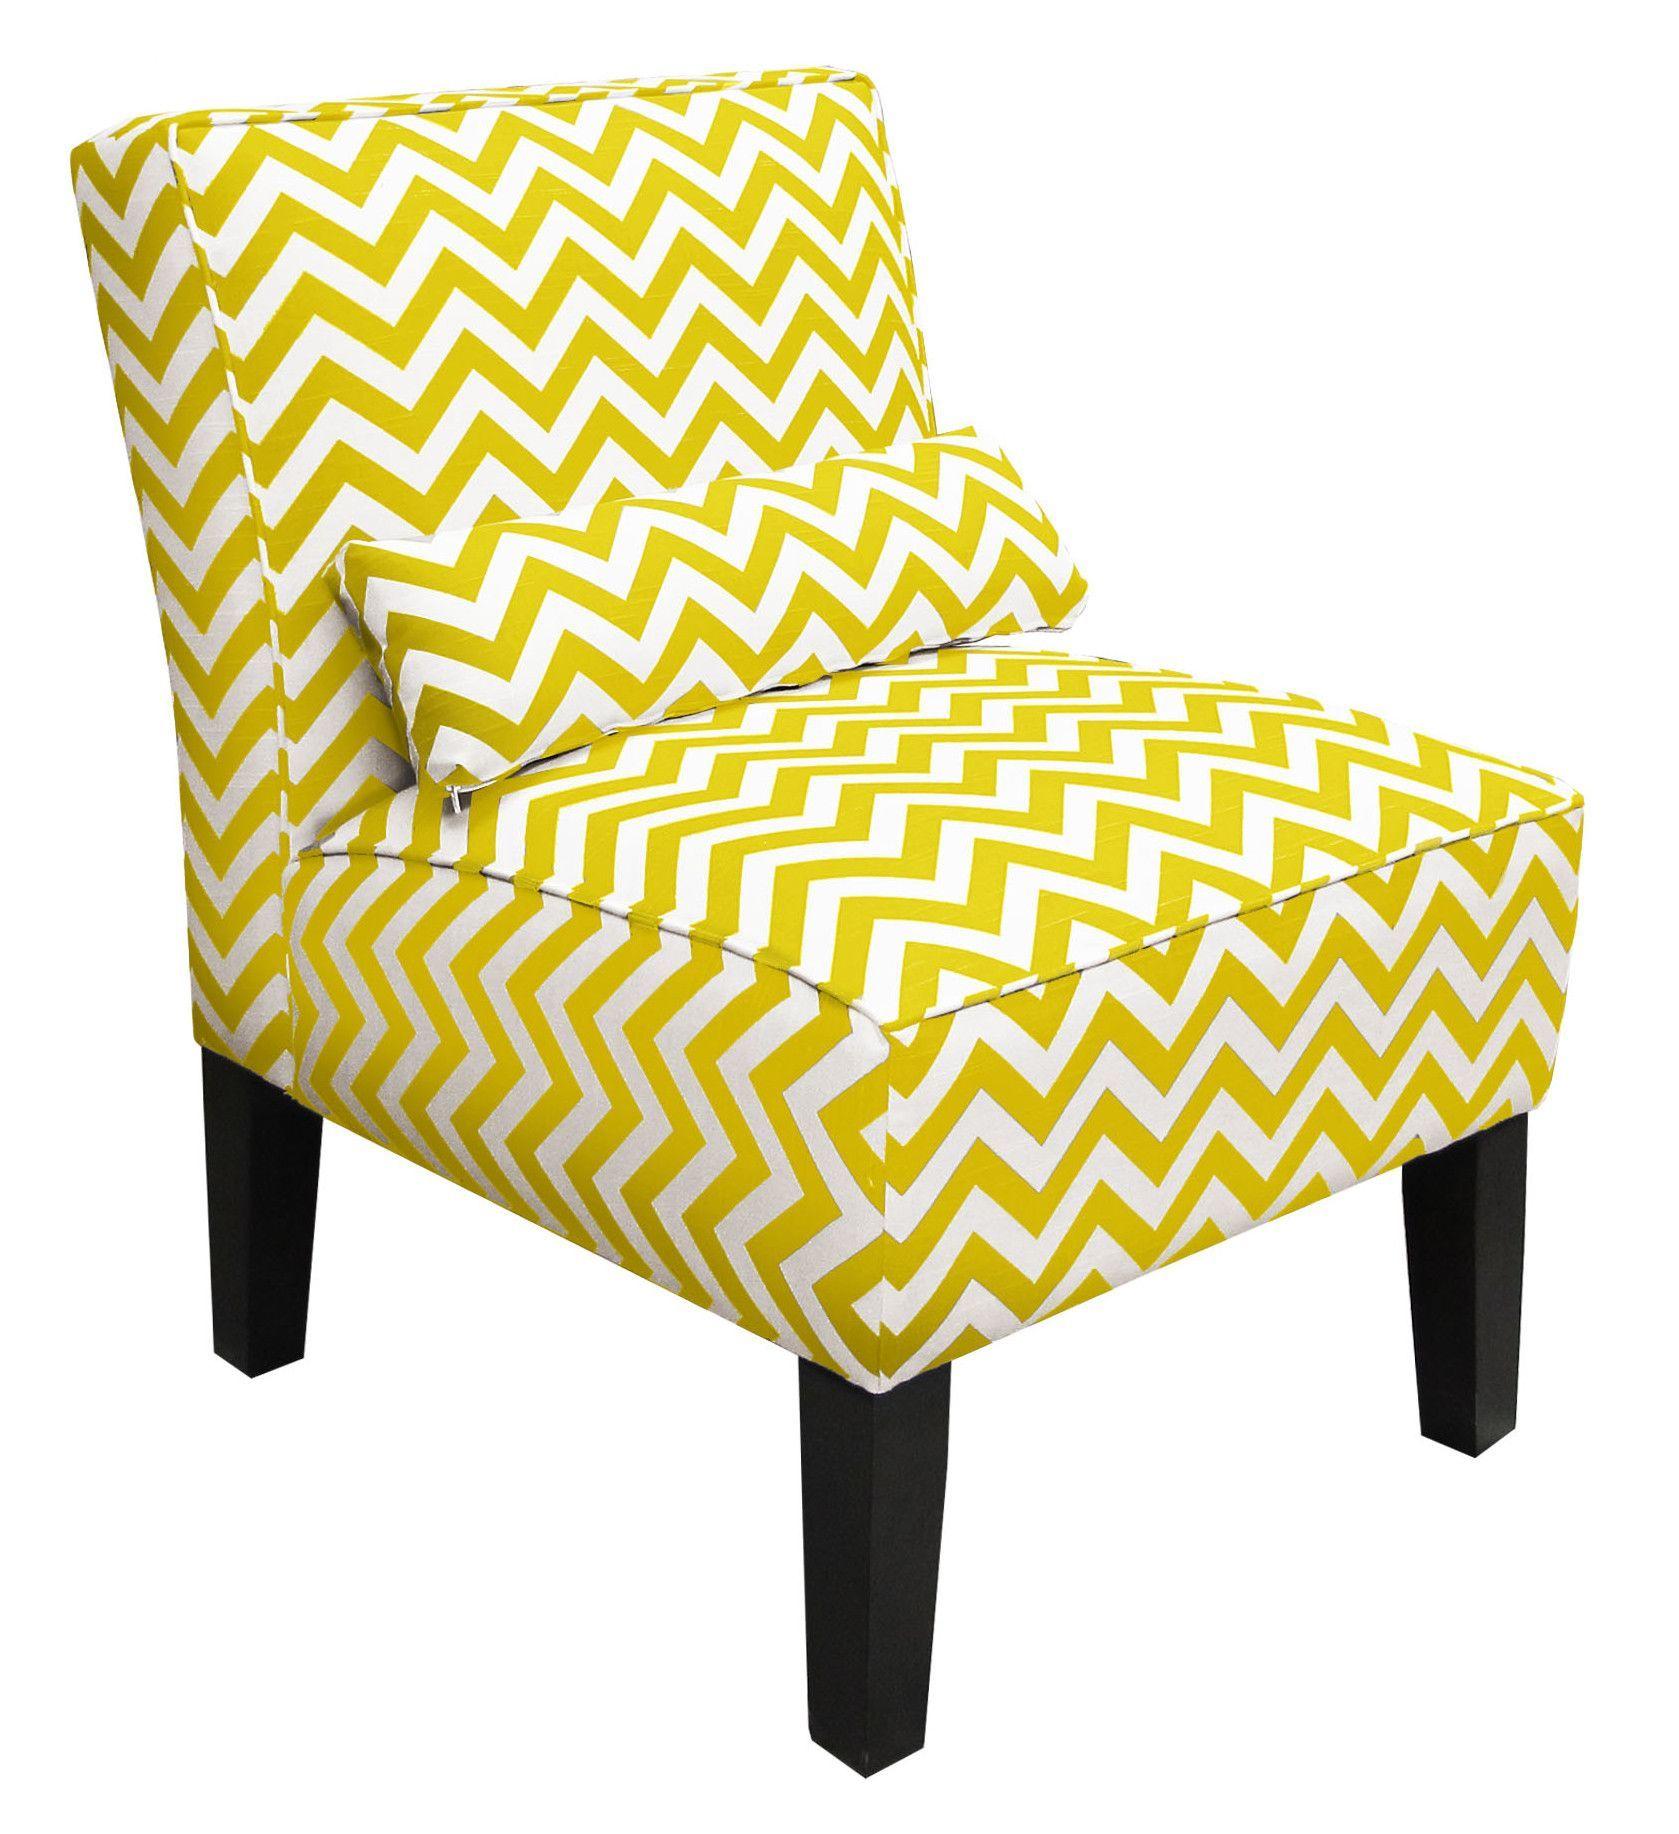 Cloverdale Upholstered Slipper Chair | Chevron Accent Chairs Inside Armless Upholstered Slipper Chairs (View 6 of 15)